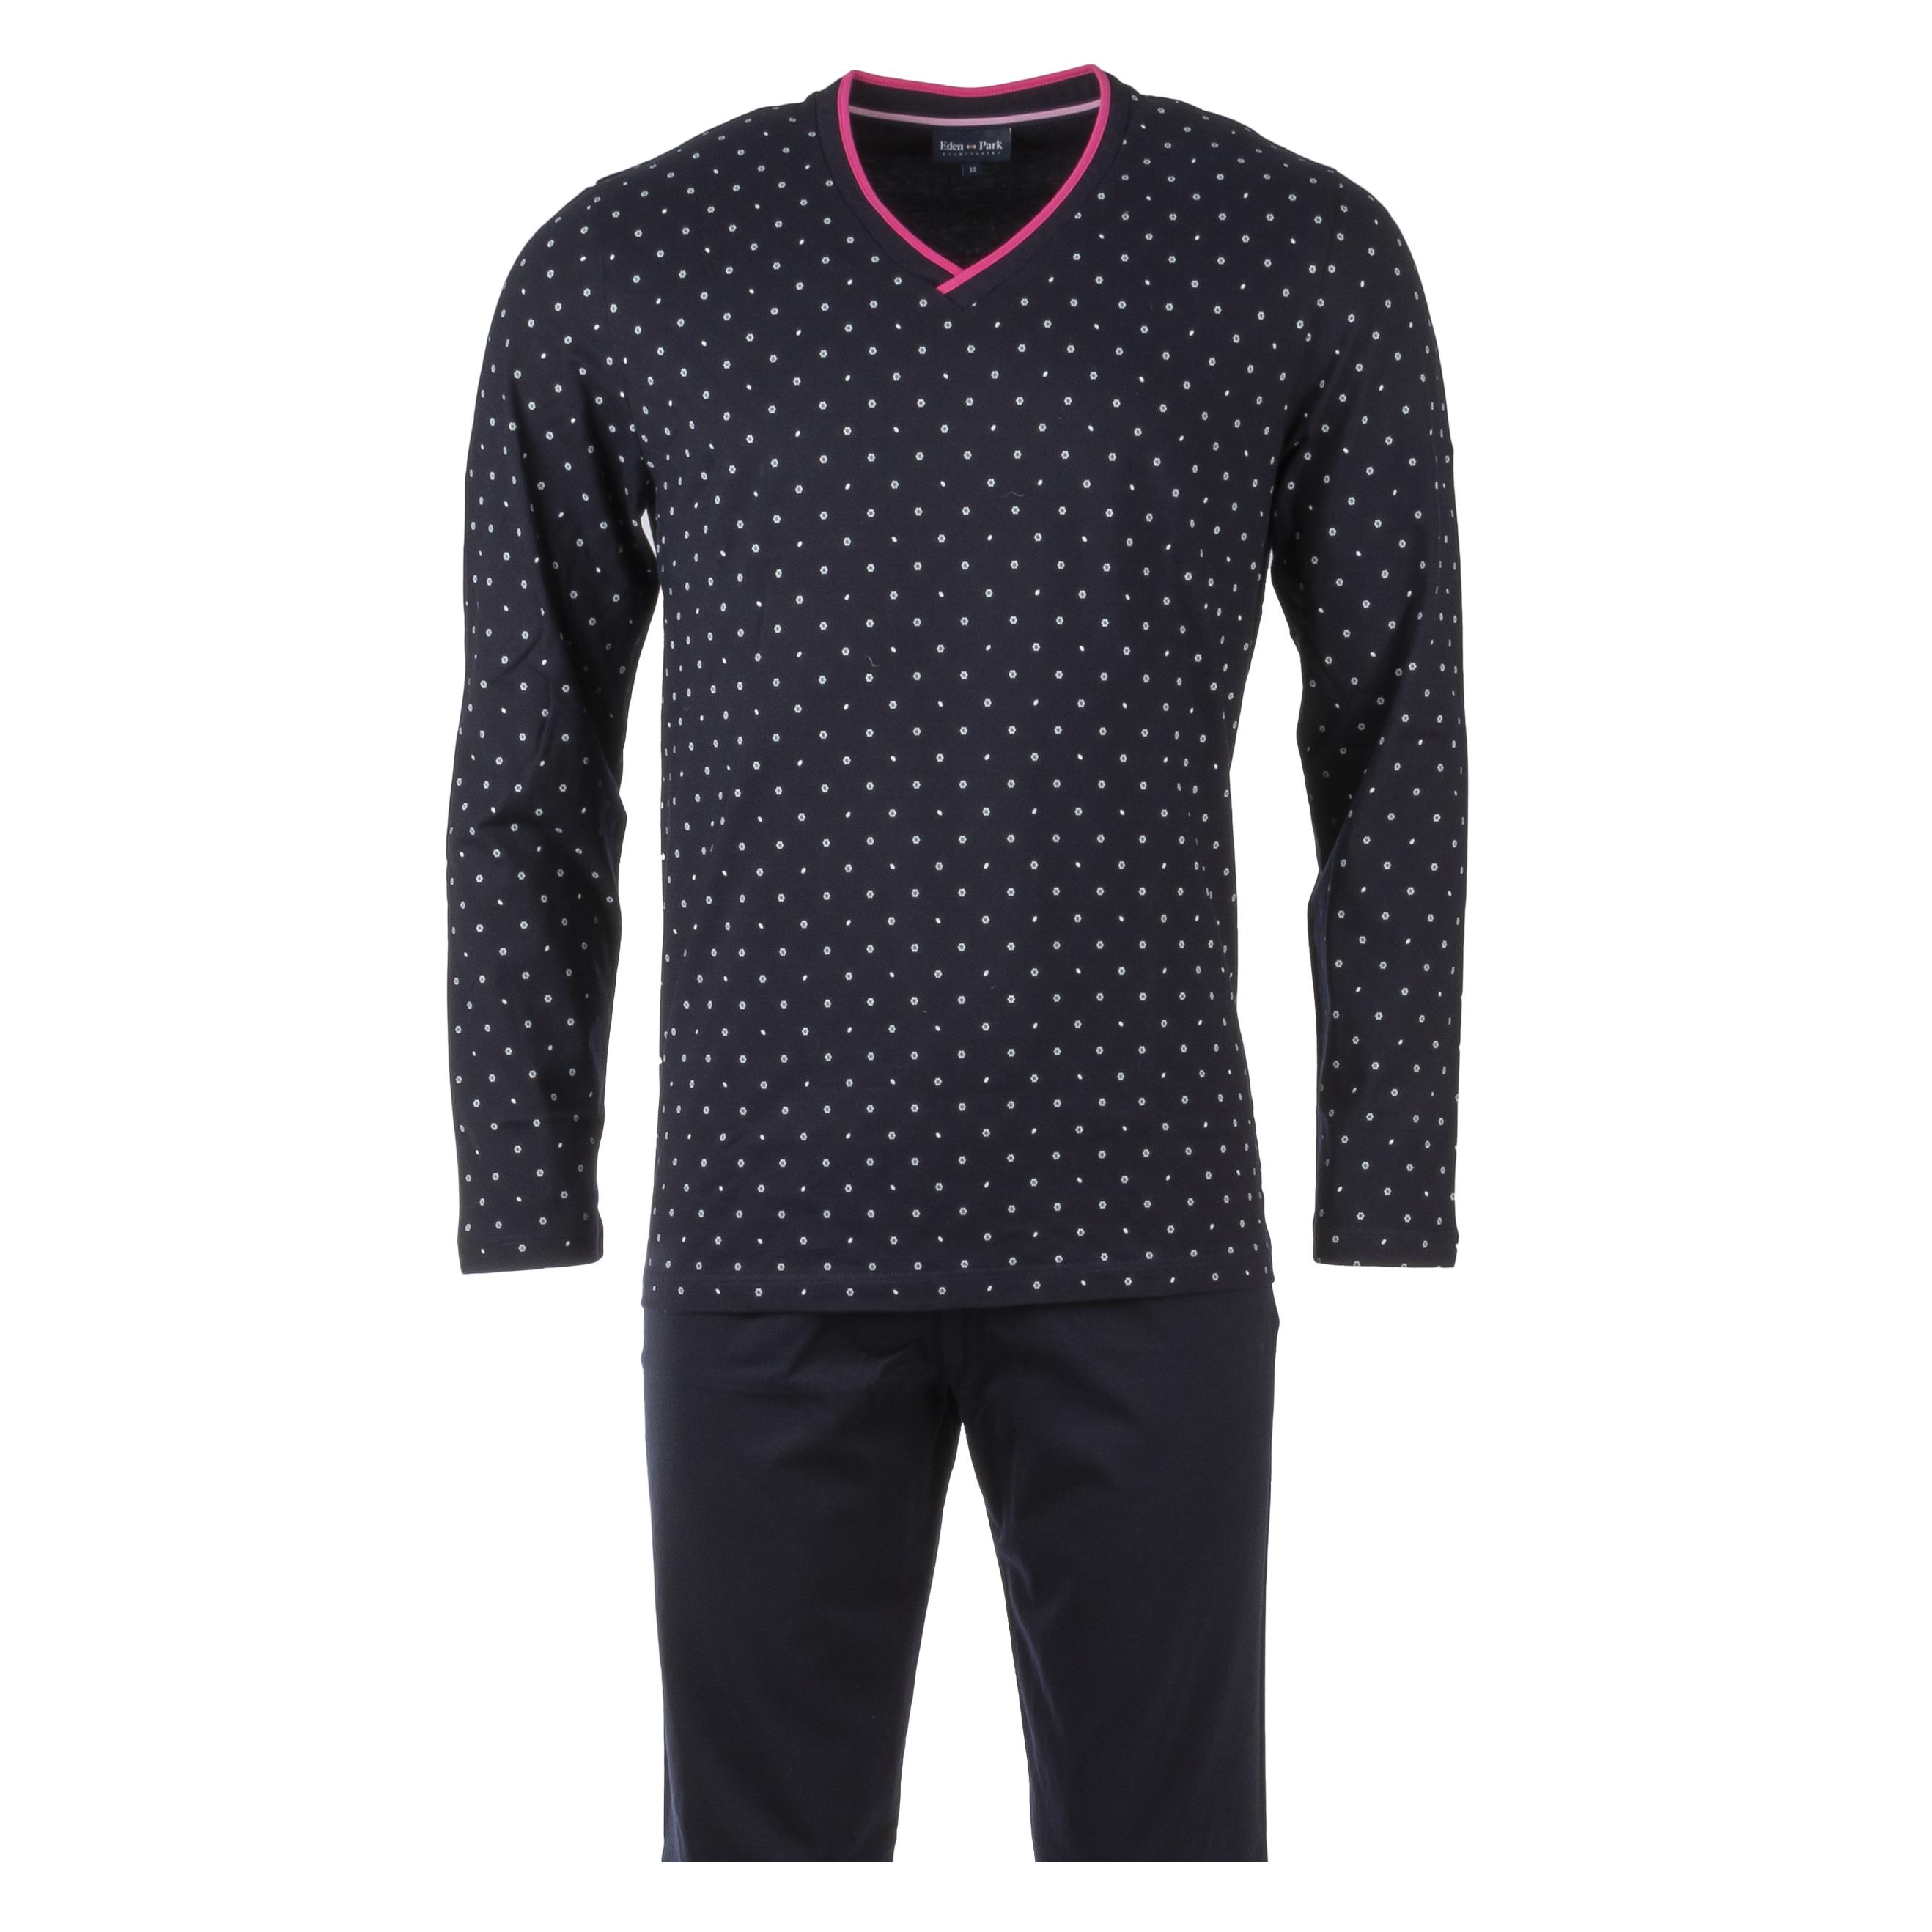 Pyjama long eden park en coton : tee-shirt manches longues col v bleu marine à motifs floraux blancs et pantalon bleu marine